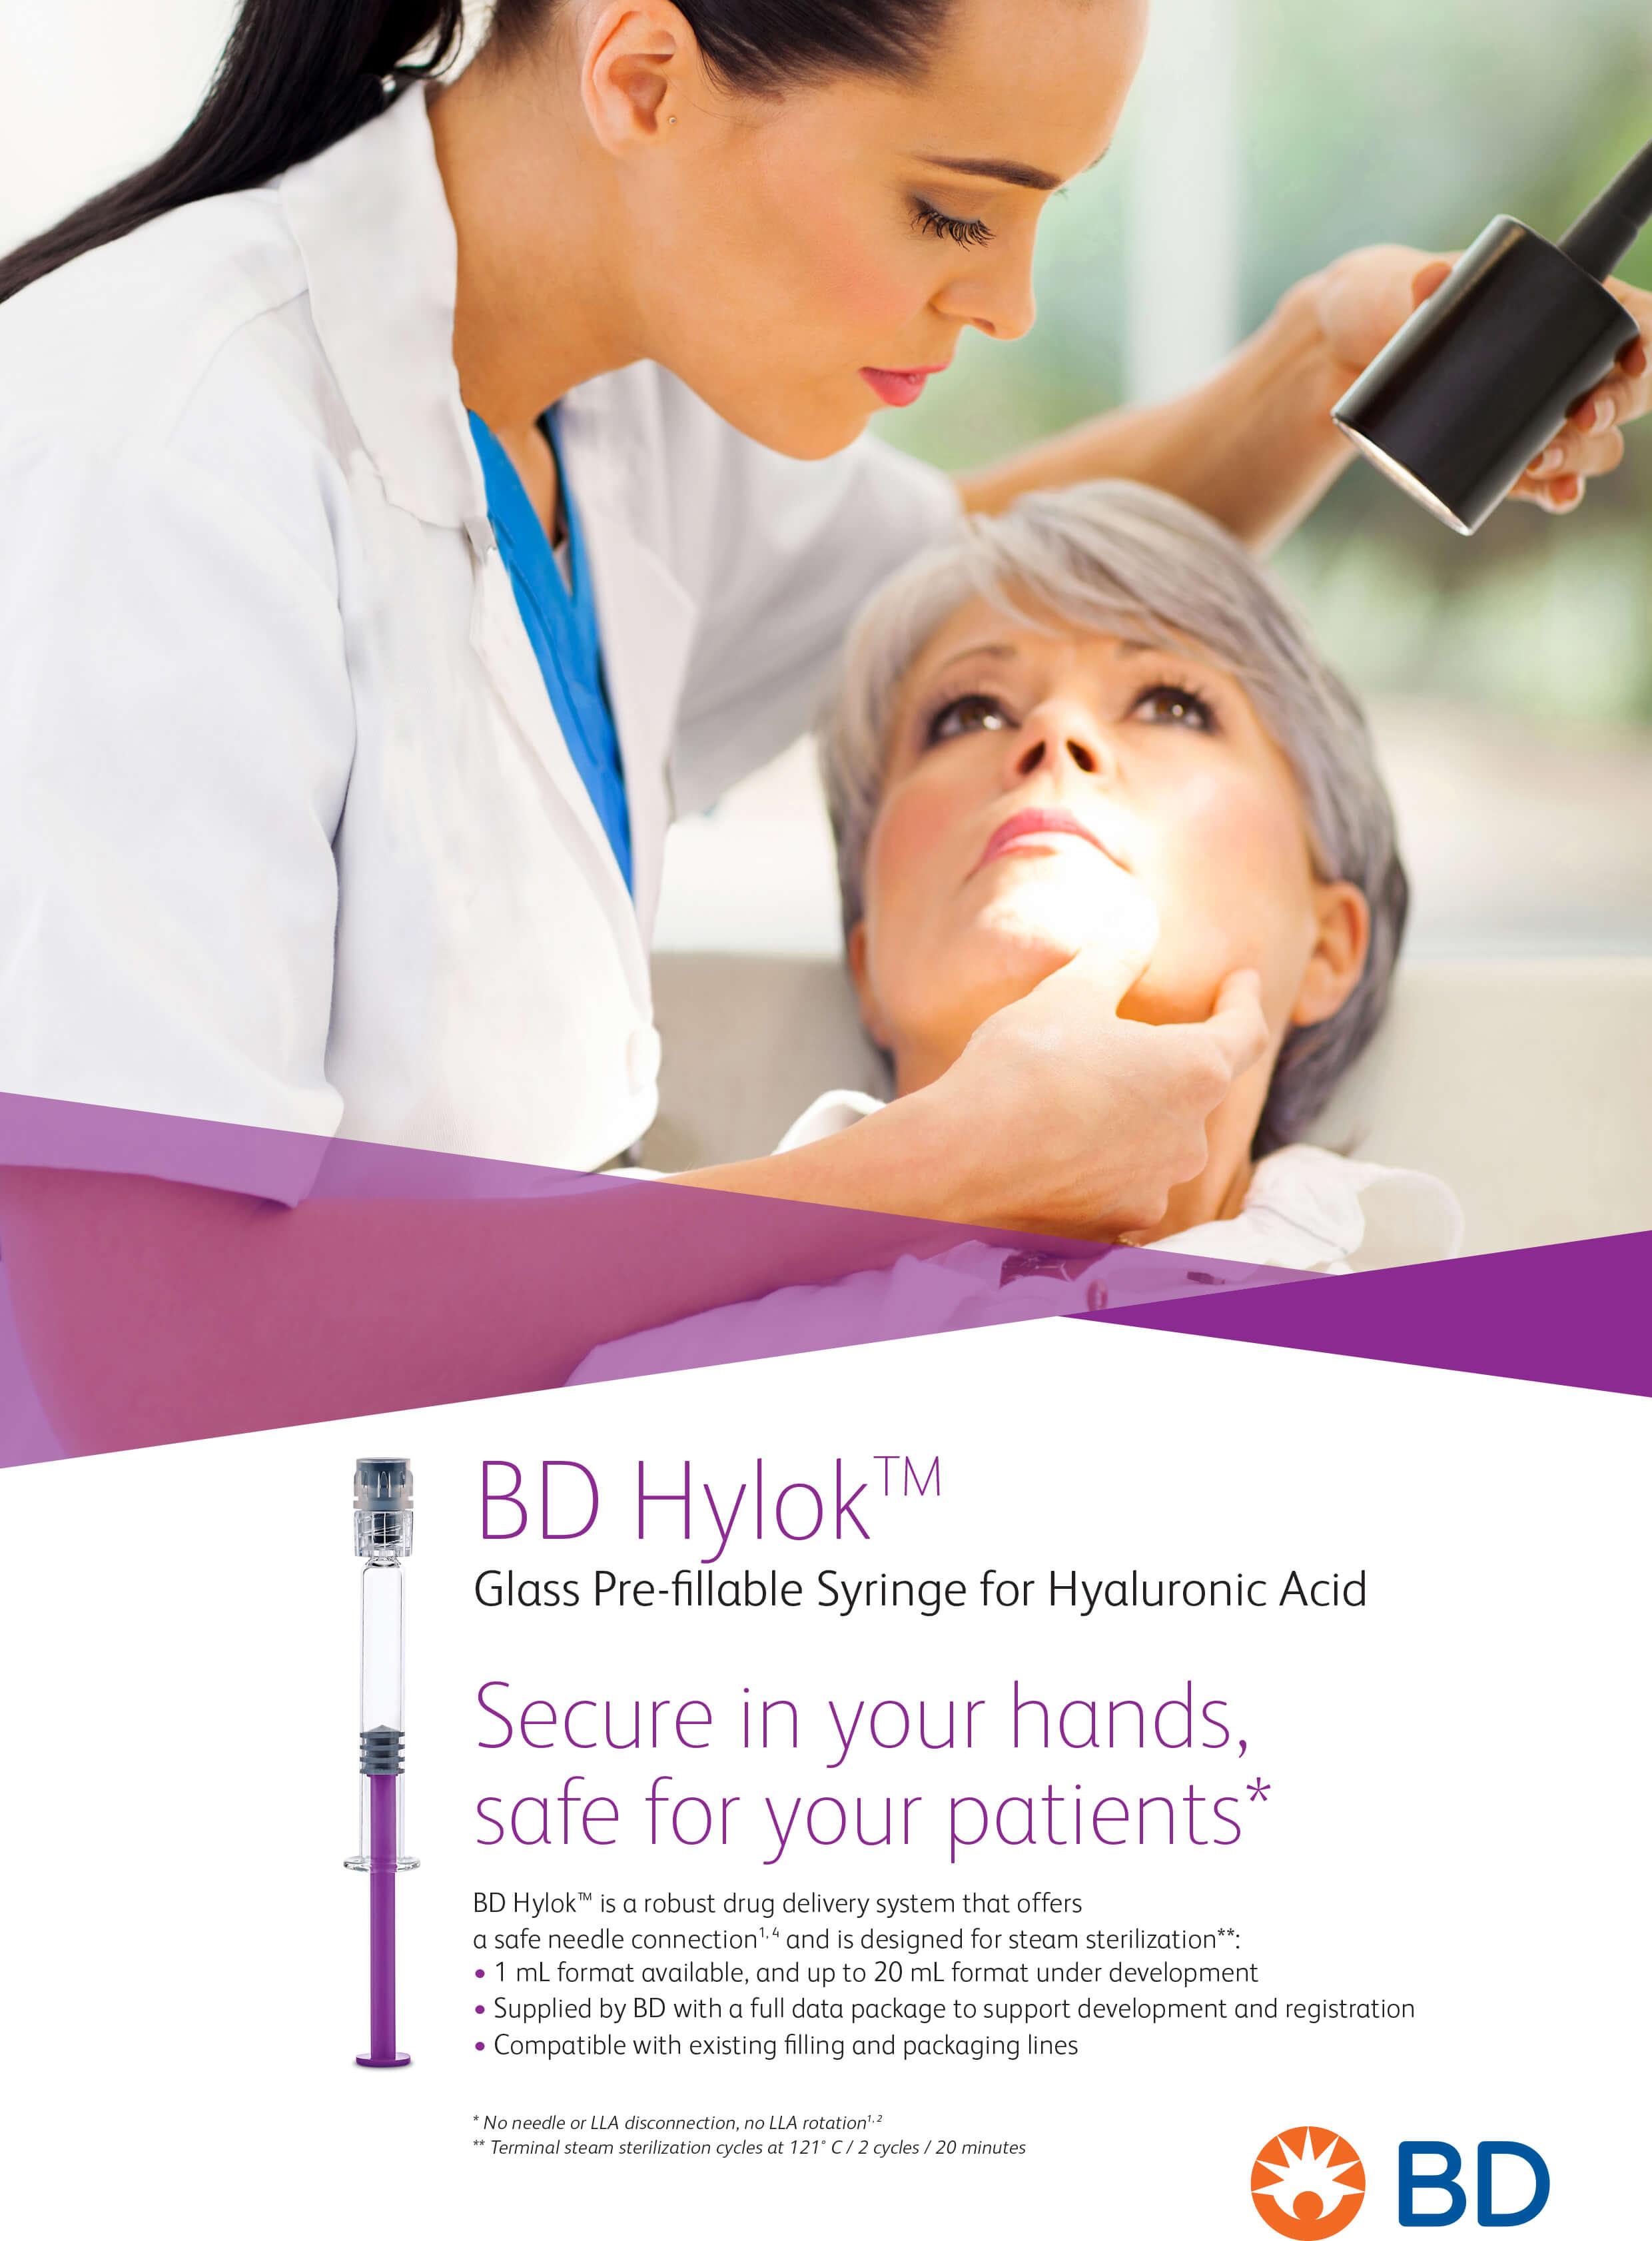 BD Hylok création graphique pour lancement de produit par l'Agence MARDI